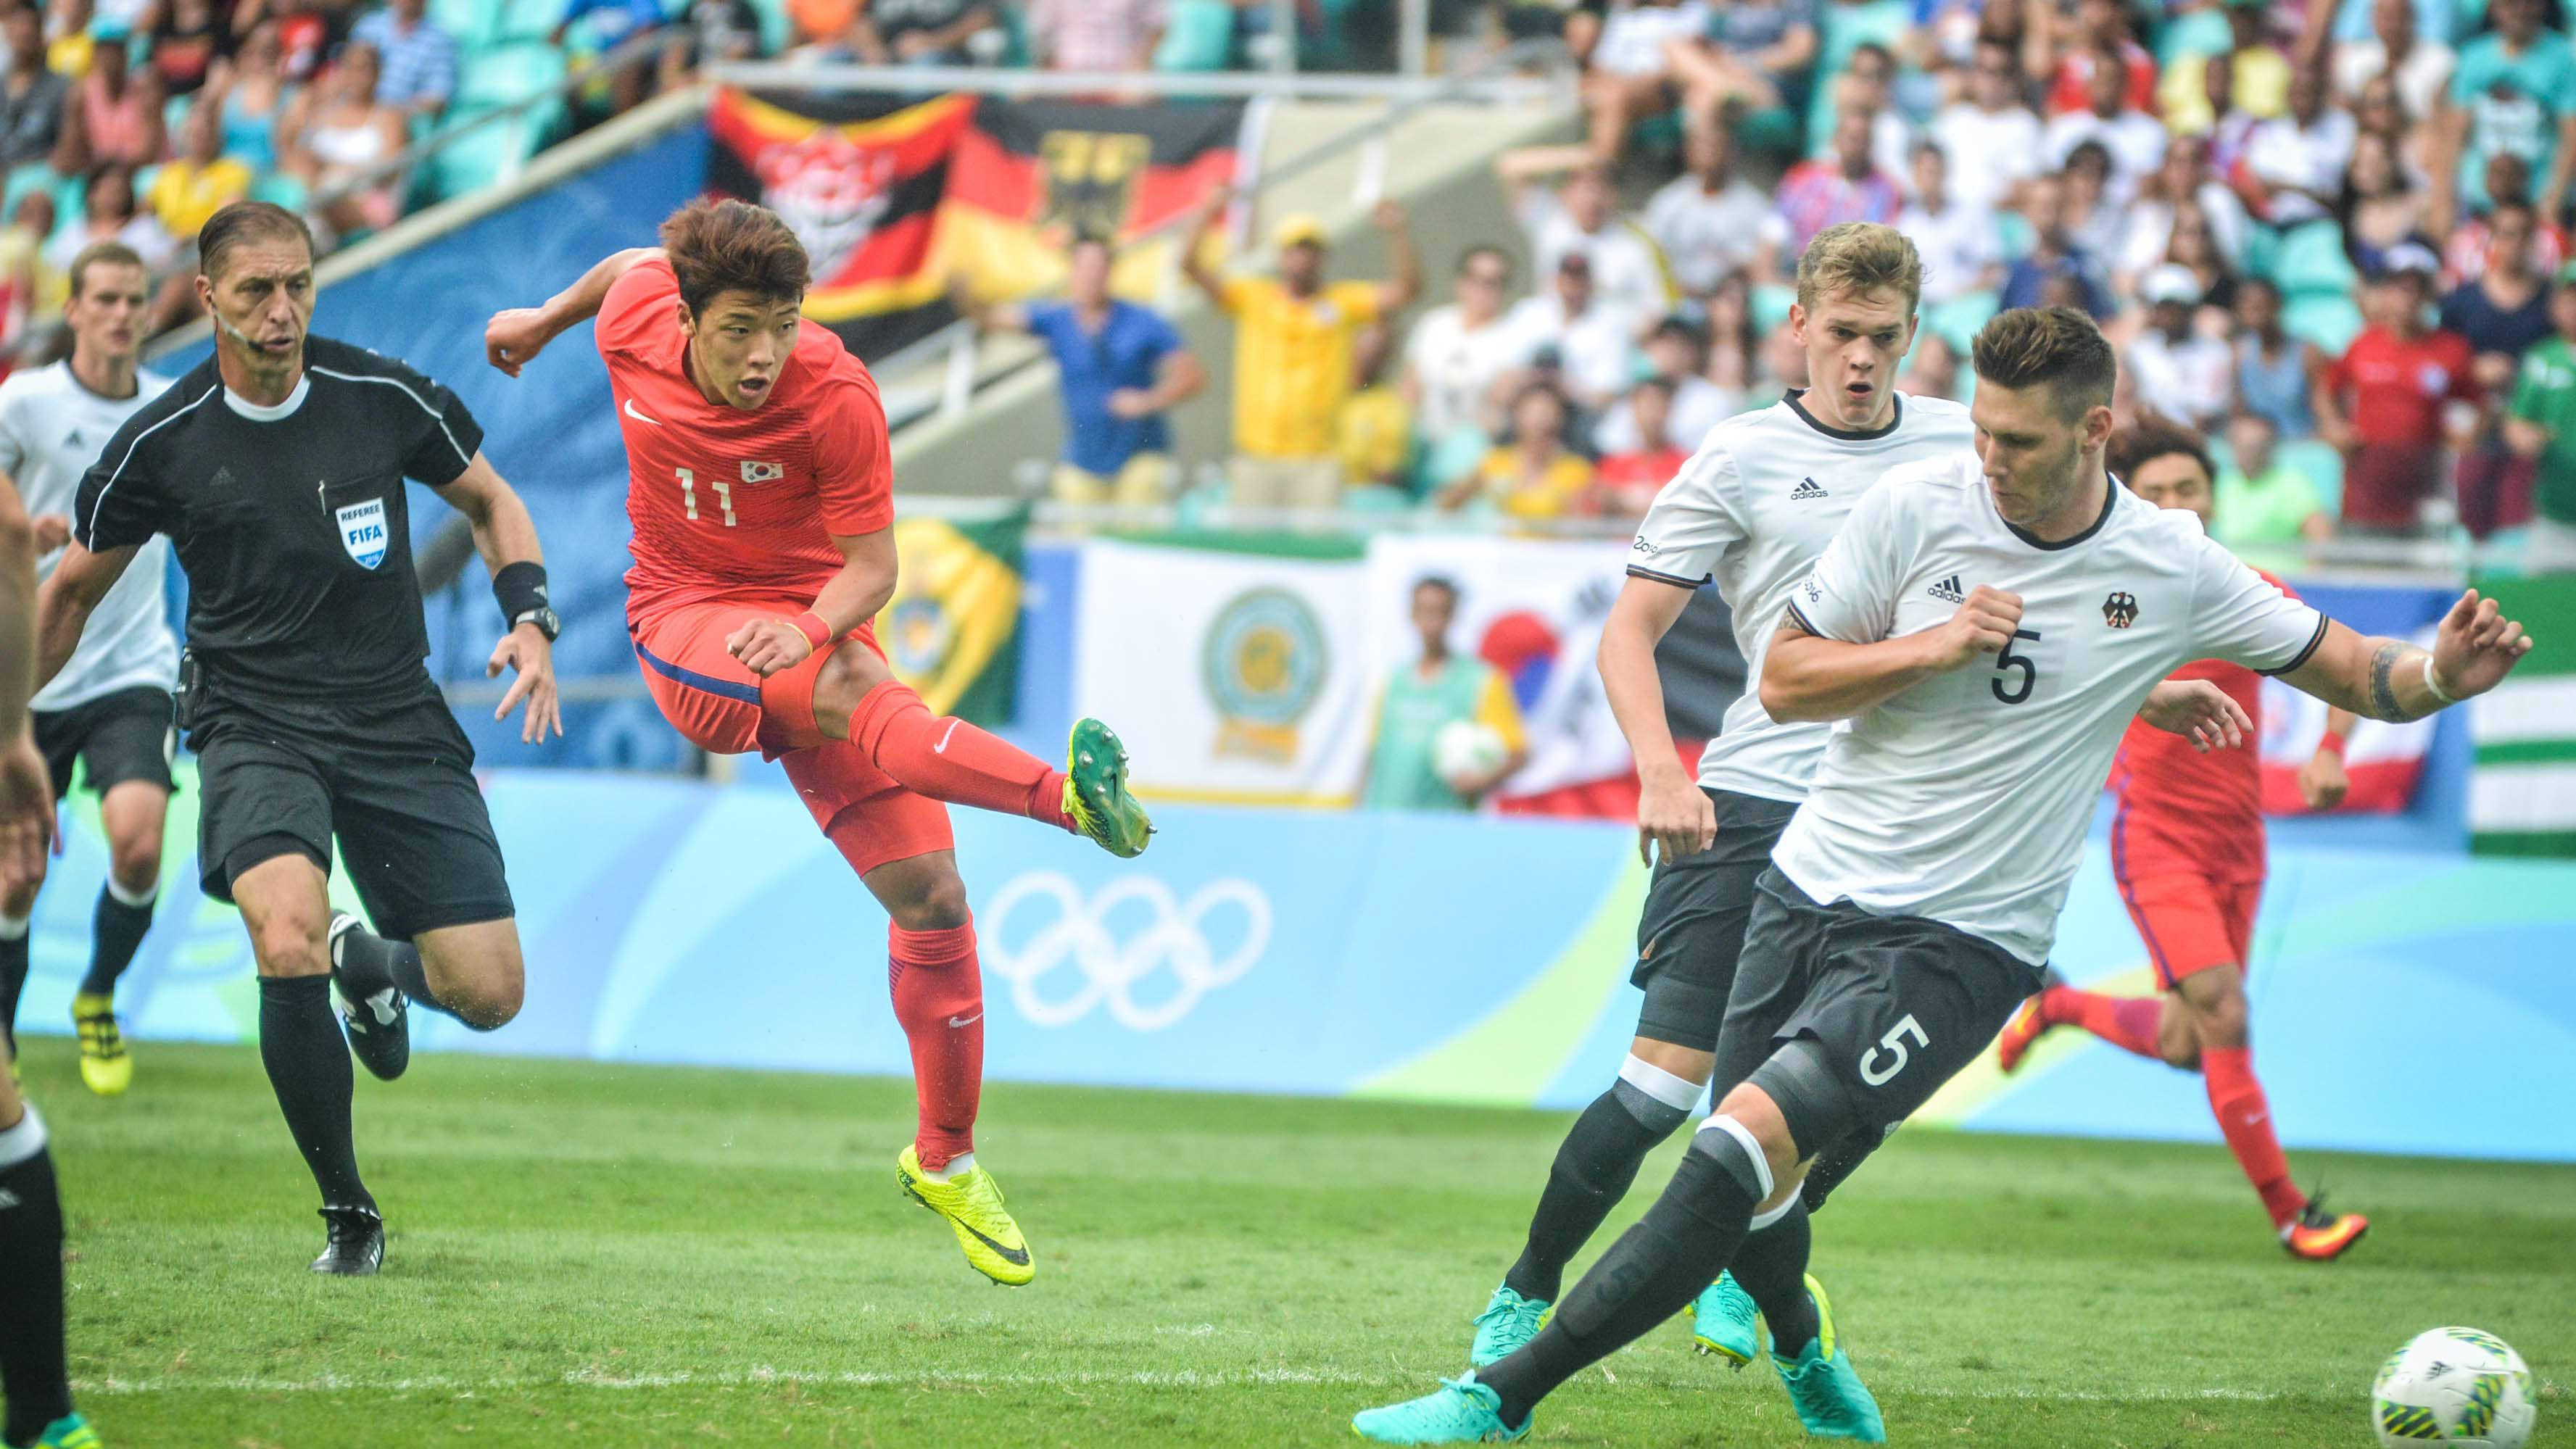 Jalkapallo Olympialaiset